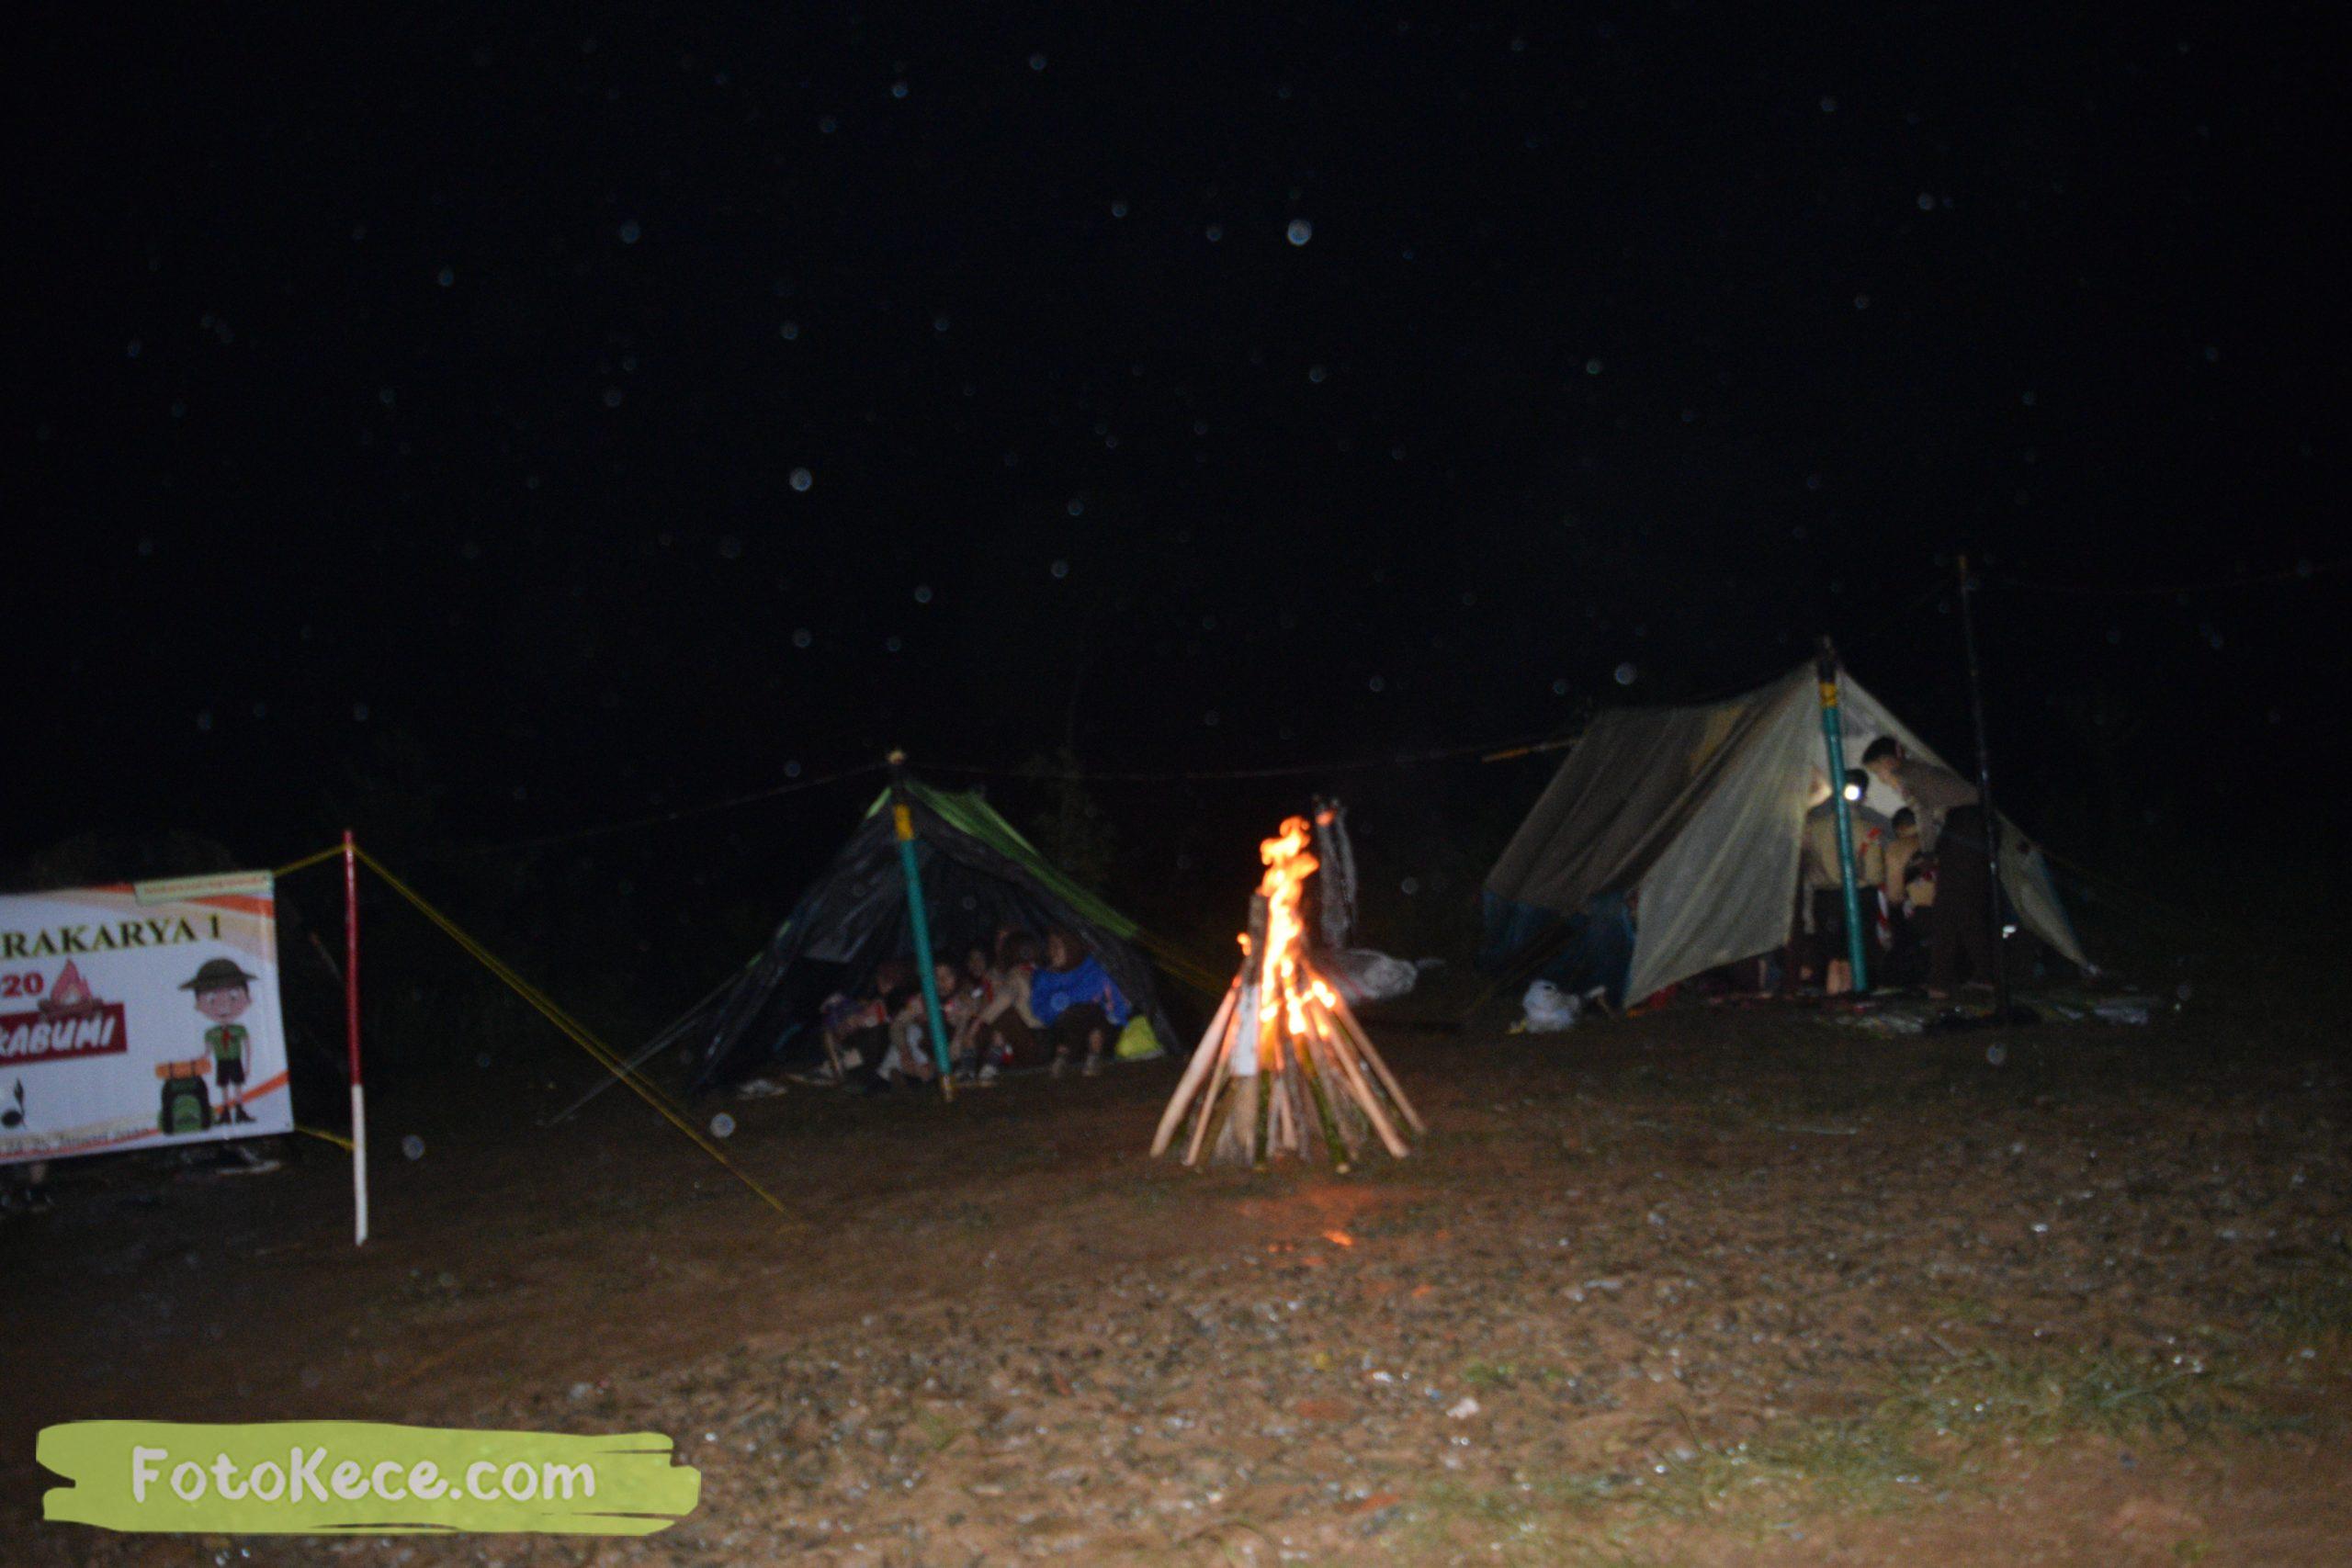 kegiatan sore malam perkemahan narakarya 1 mtsn 2 sukabumi 24 25 januari 2020 pramuka hebat puncak buluh foto kece 69 scaled